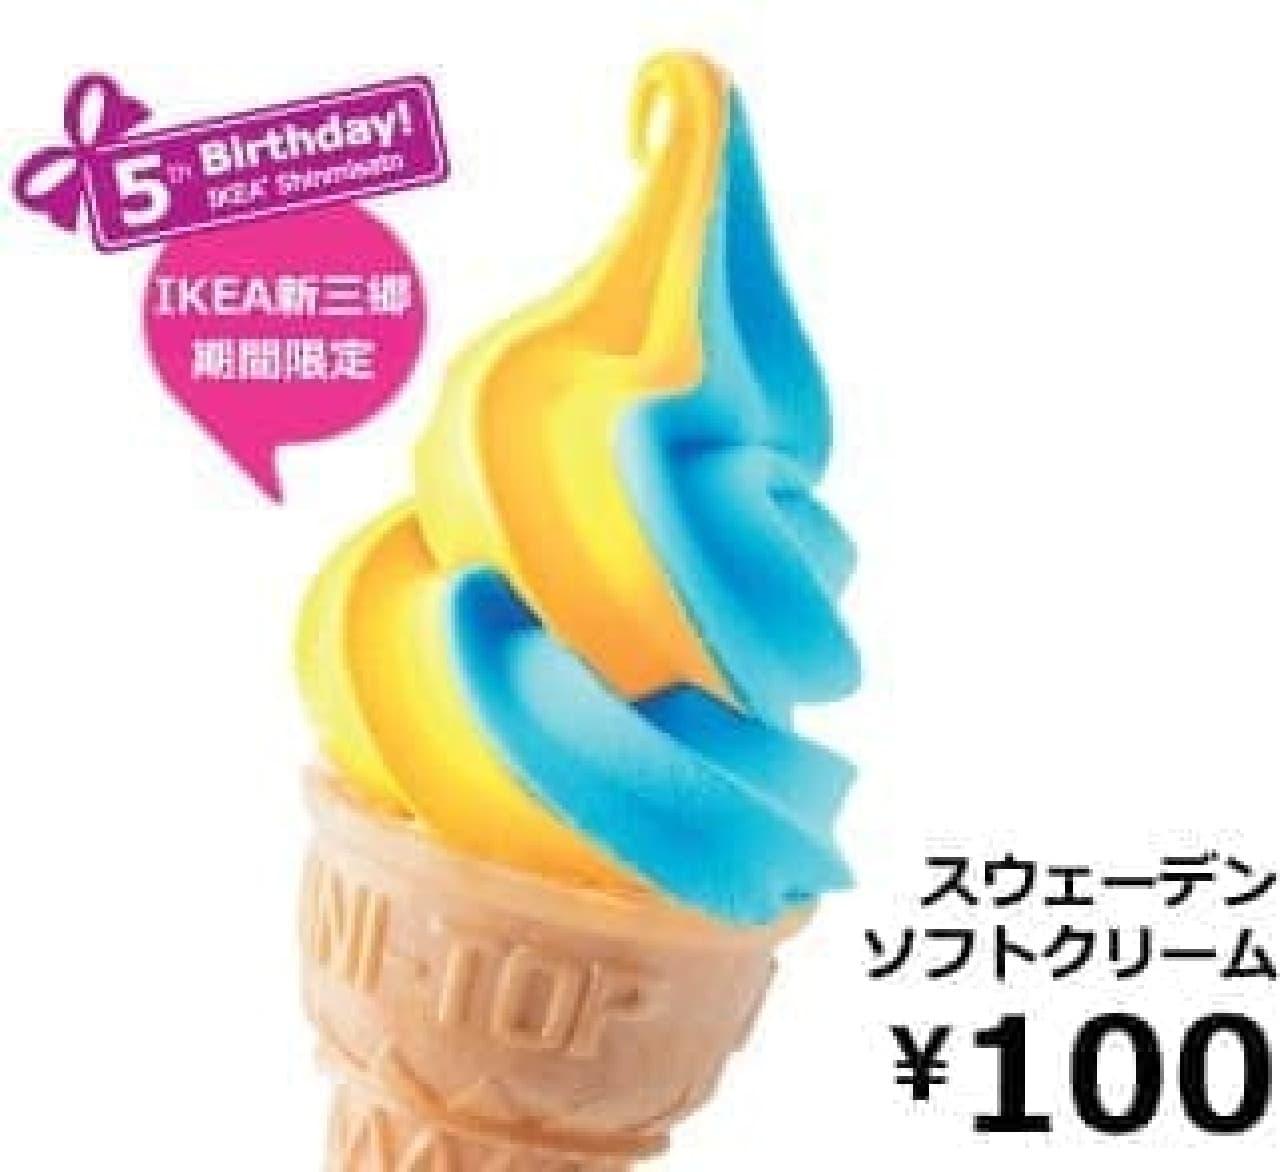 イケア スウェーデン色のソフトクリーム